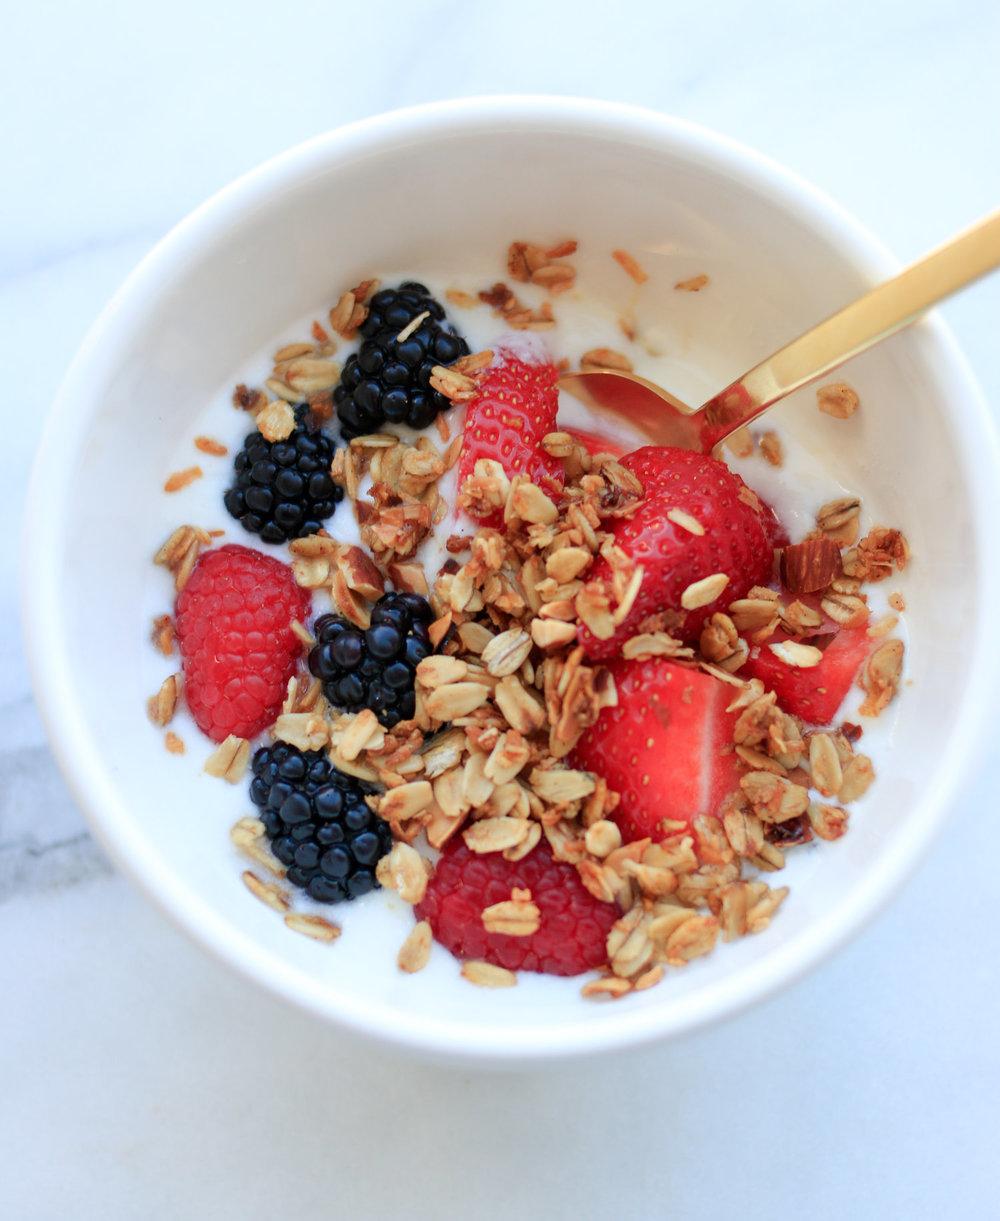 homemade+french+style+yogurt+recipe+from+everyday+parisian.jpg